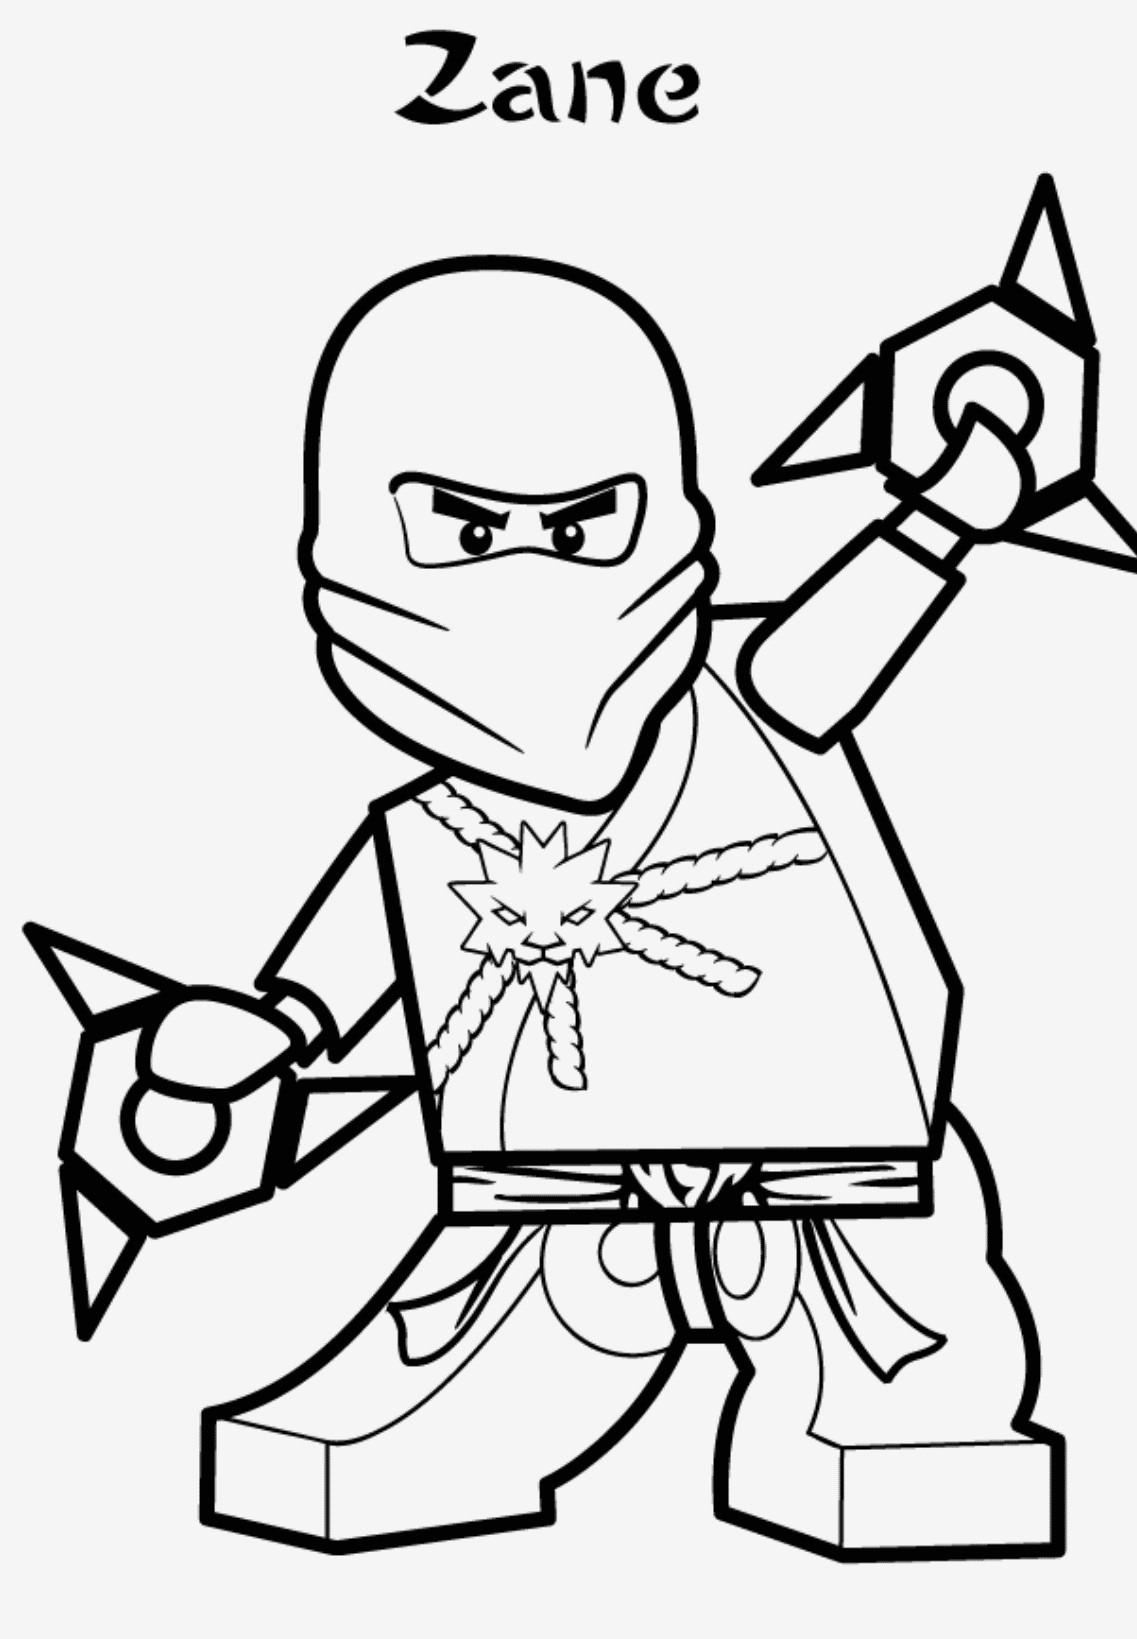 Lego Ninjago Bilder Zum Ausdrucken Einzigartig Ninjago Malvorlagen Kostenlos Zum Ausdrucken Bildergalerie & Bilder Stock